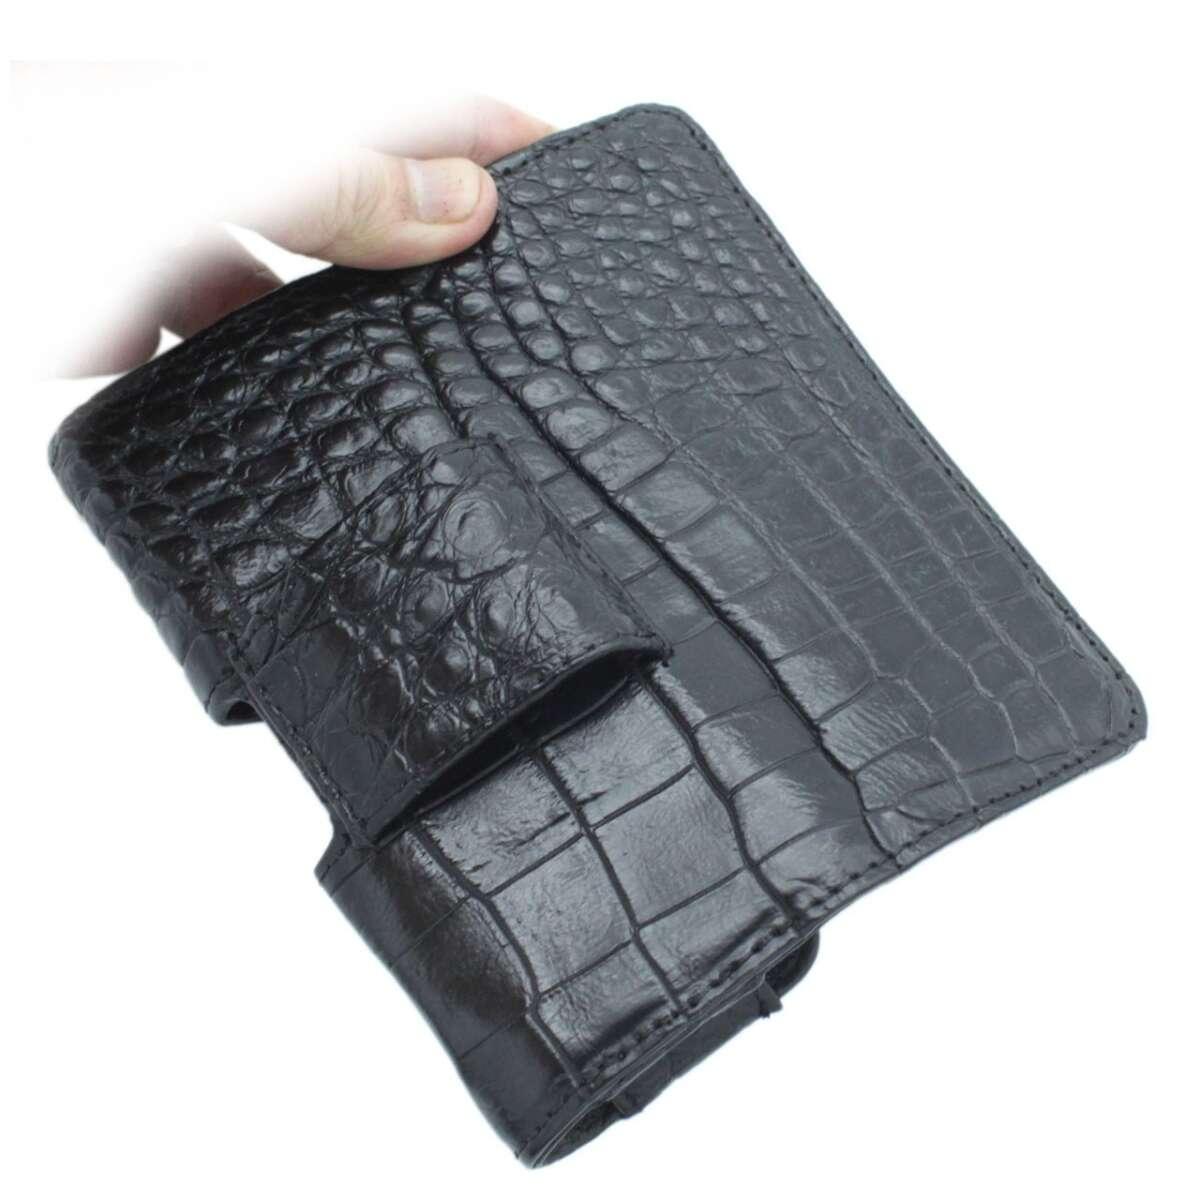 Bao điện thoại đeo lưng vertu da cá sấu S1003a